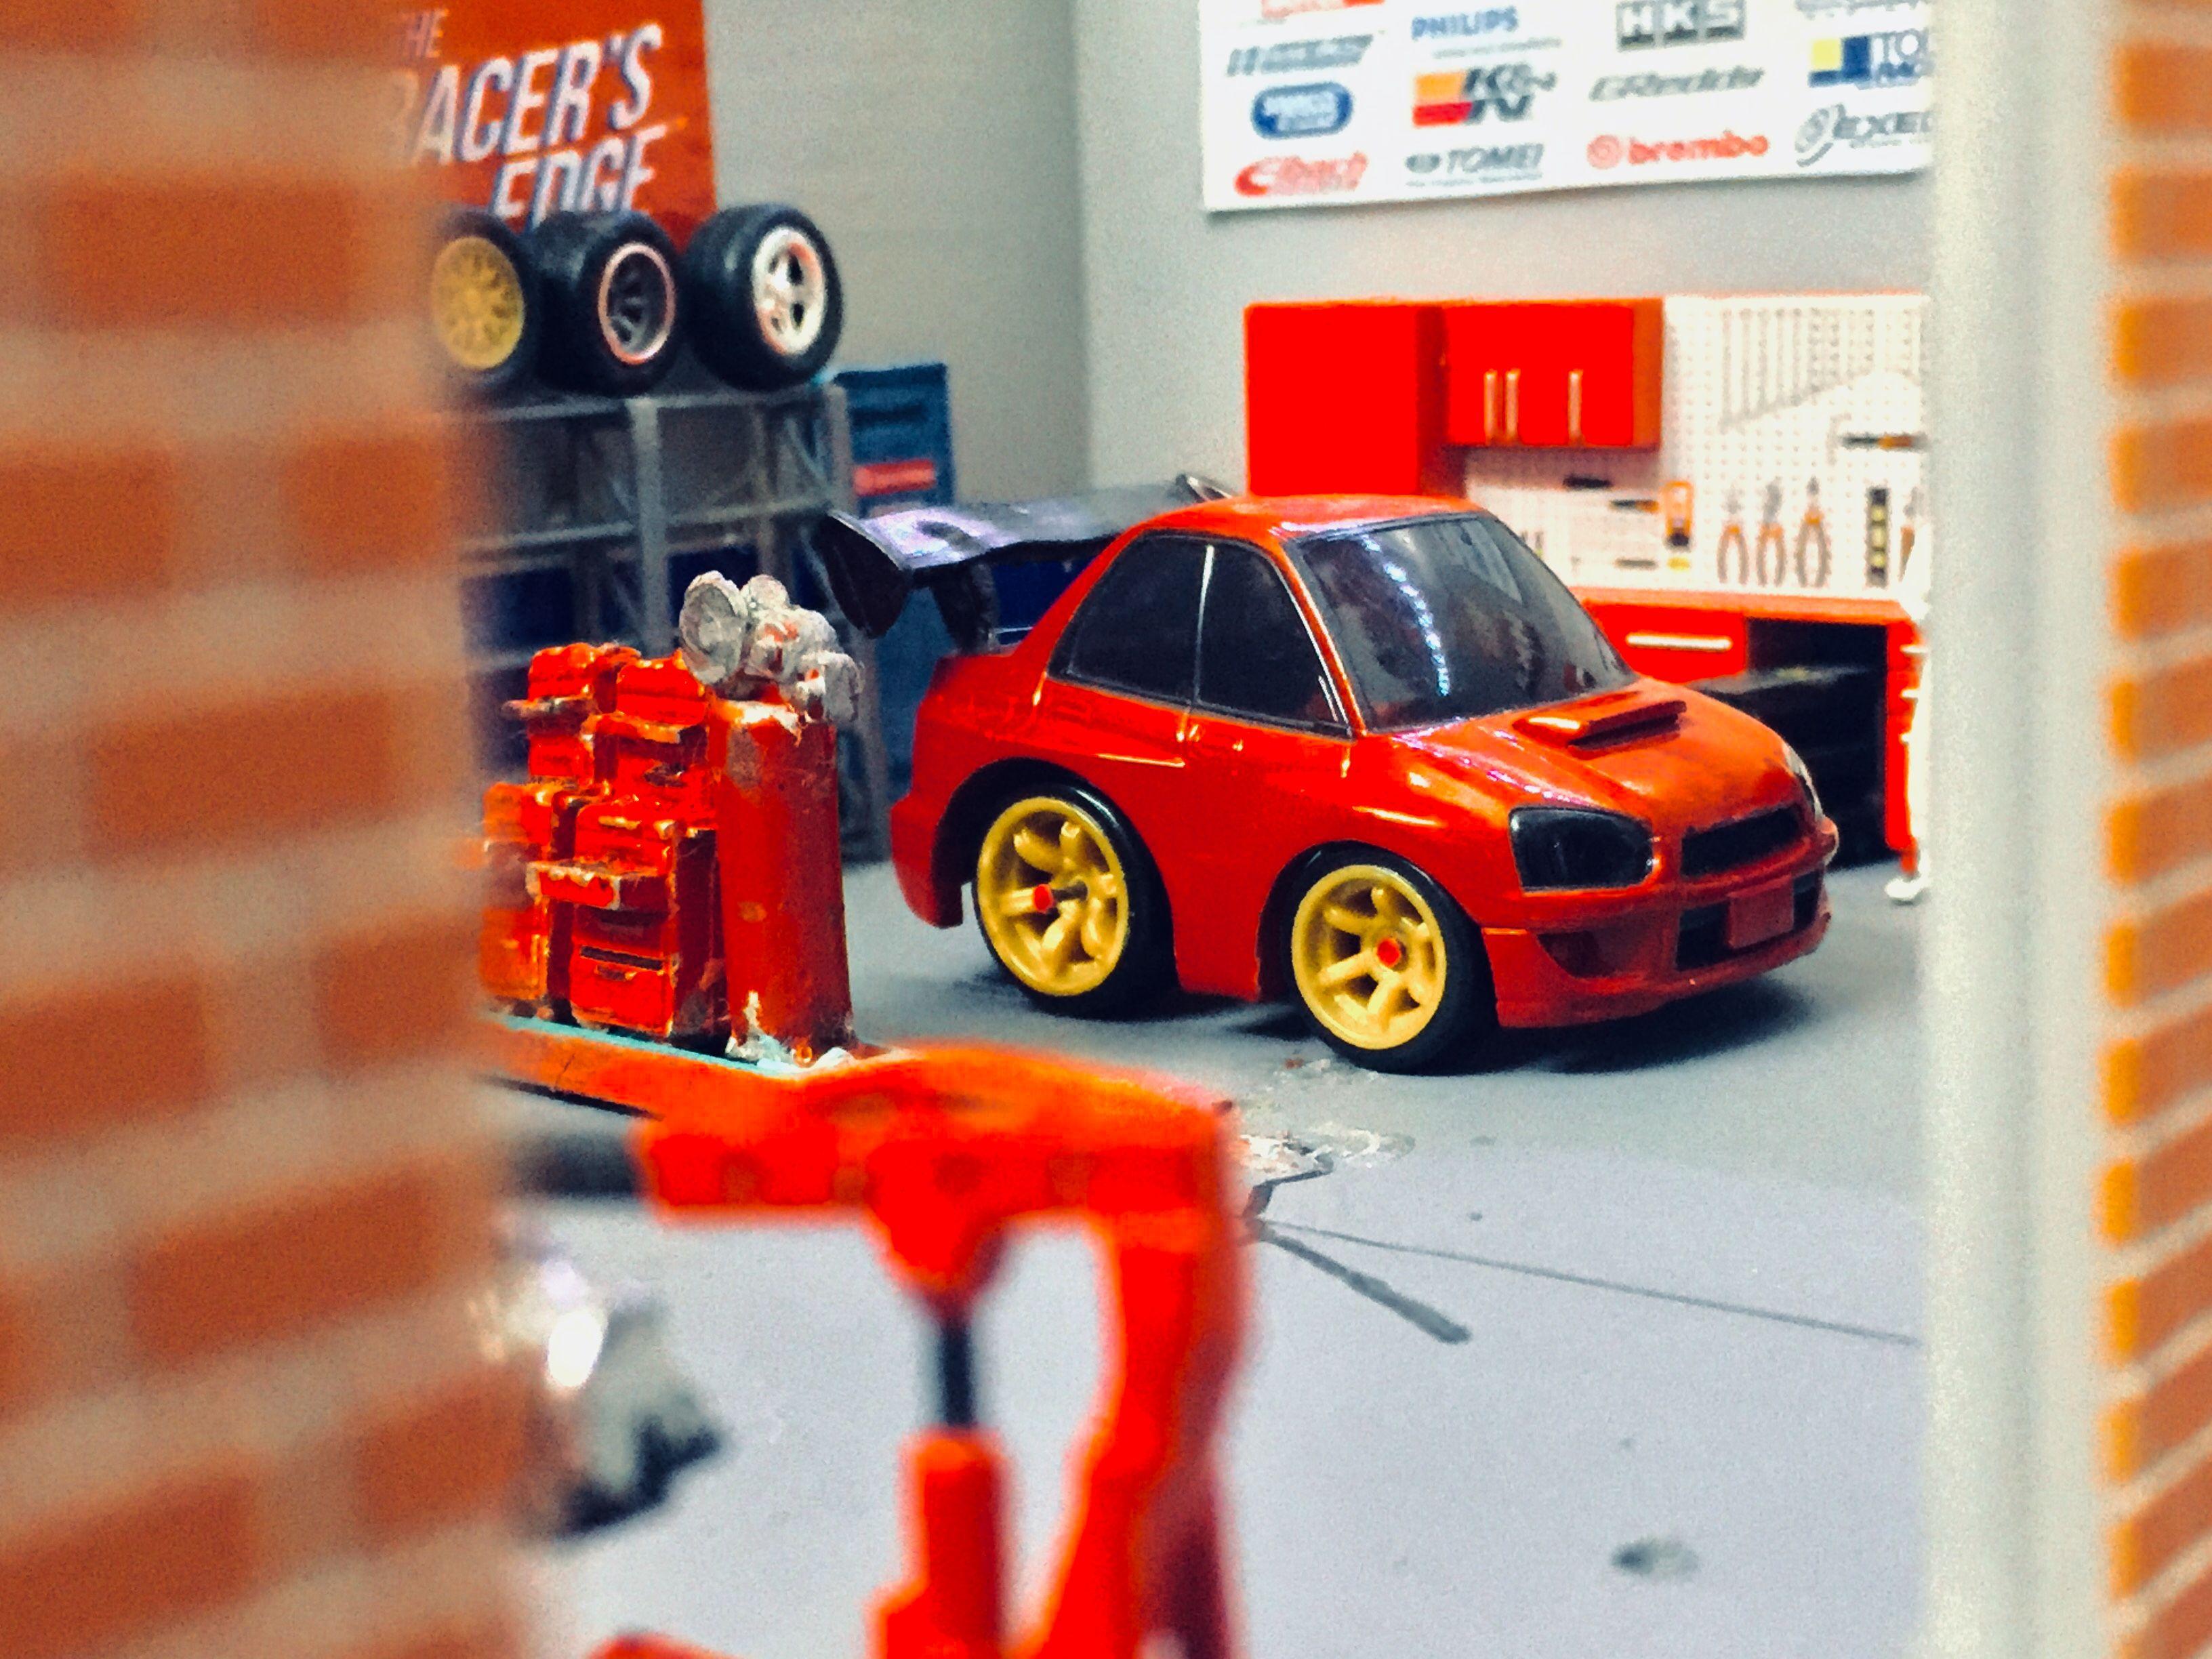 Subaru Choro Q Choroq Subaru Impreza Toy Car Subaru Impreza